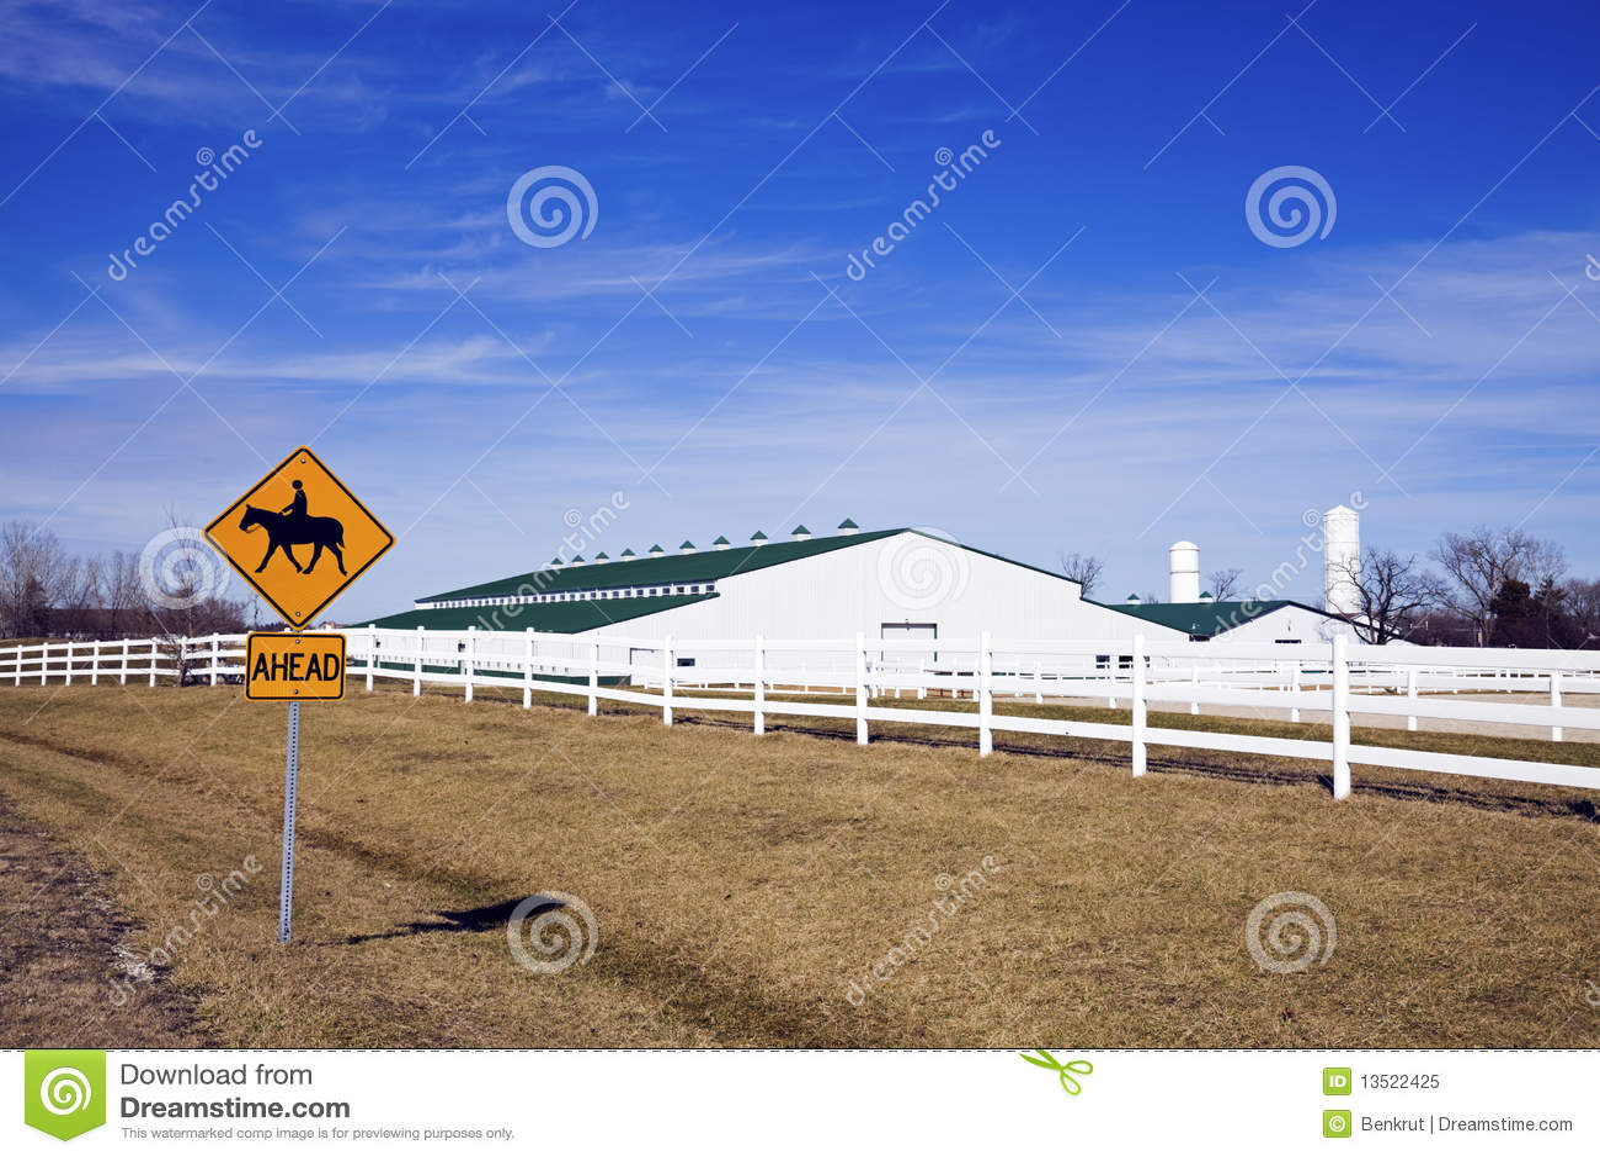 horseback riding sign royalty free stock photo image